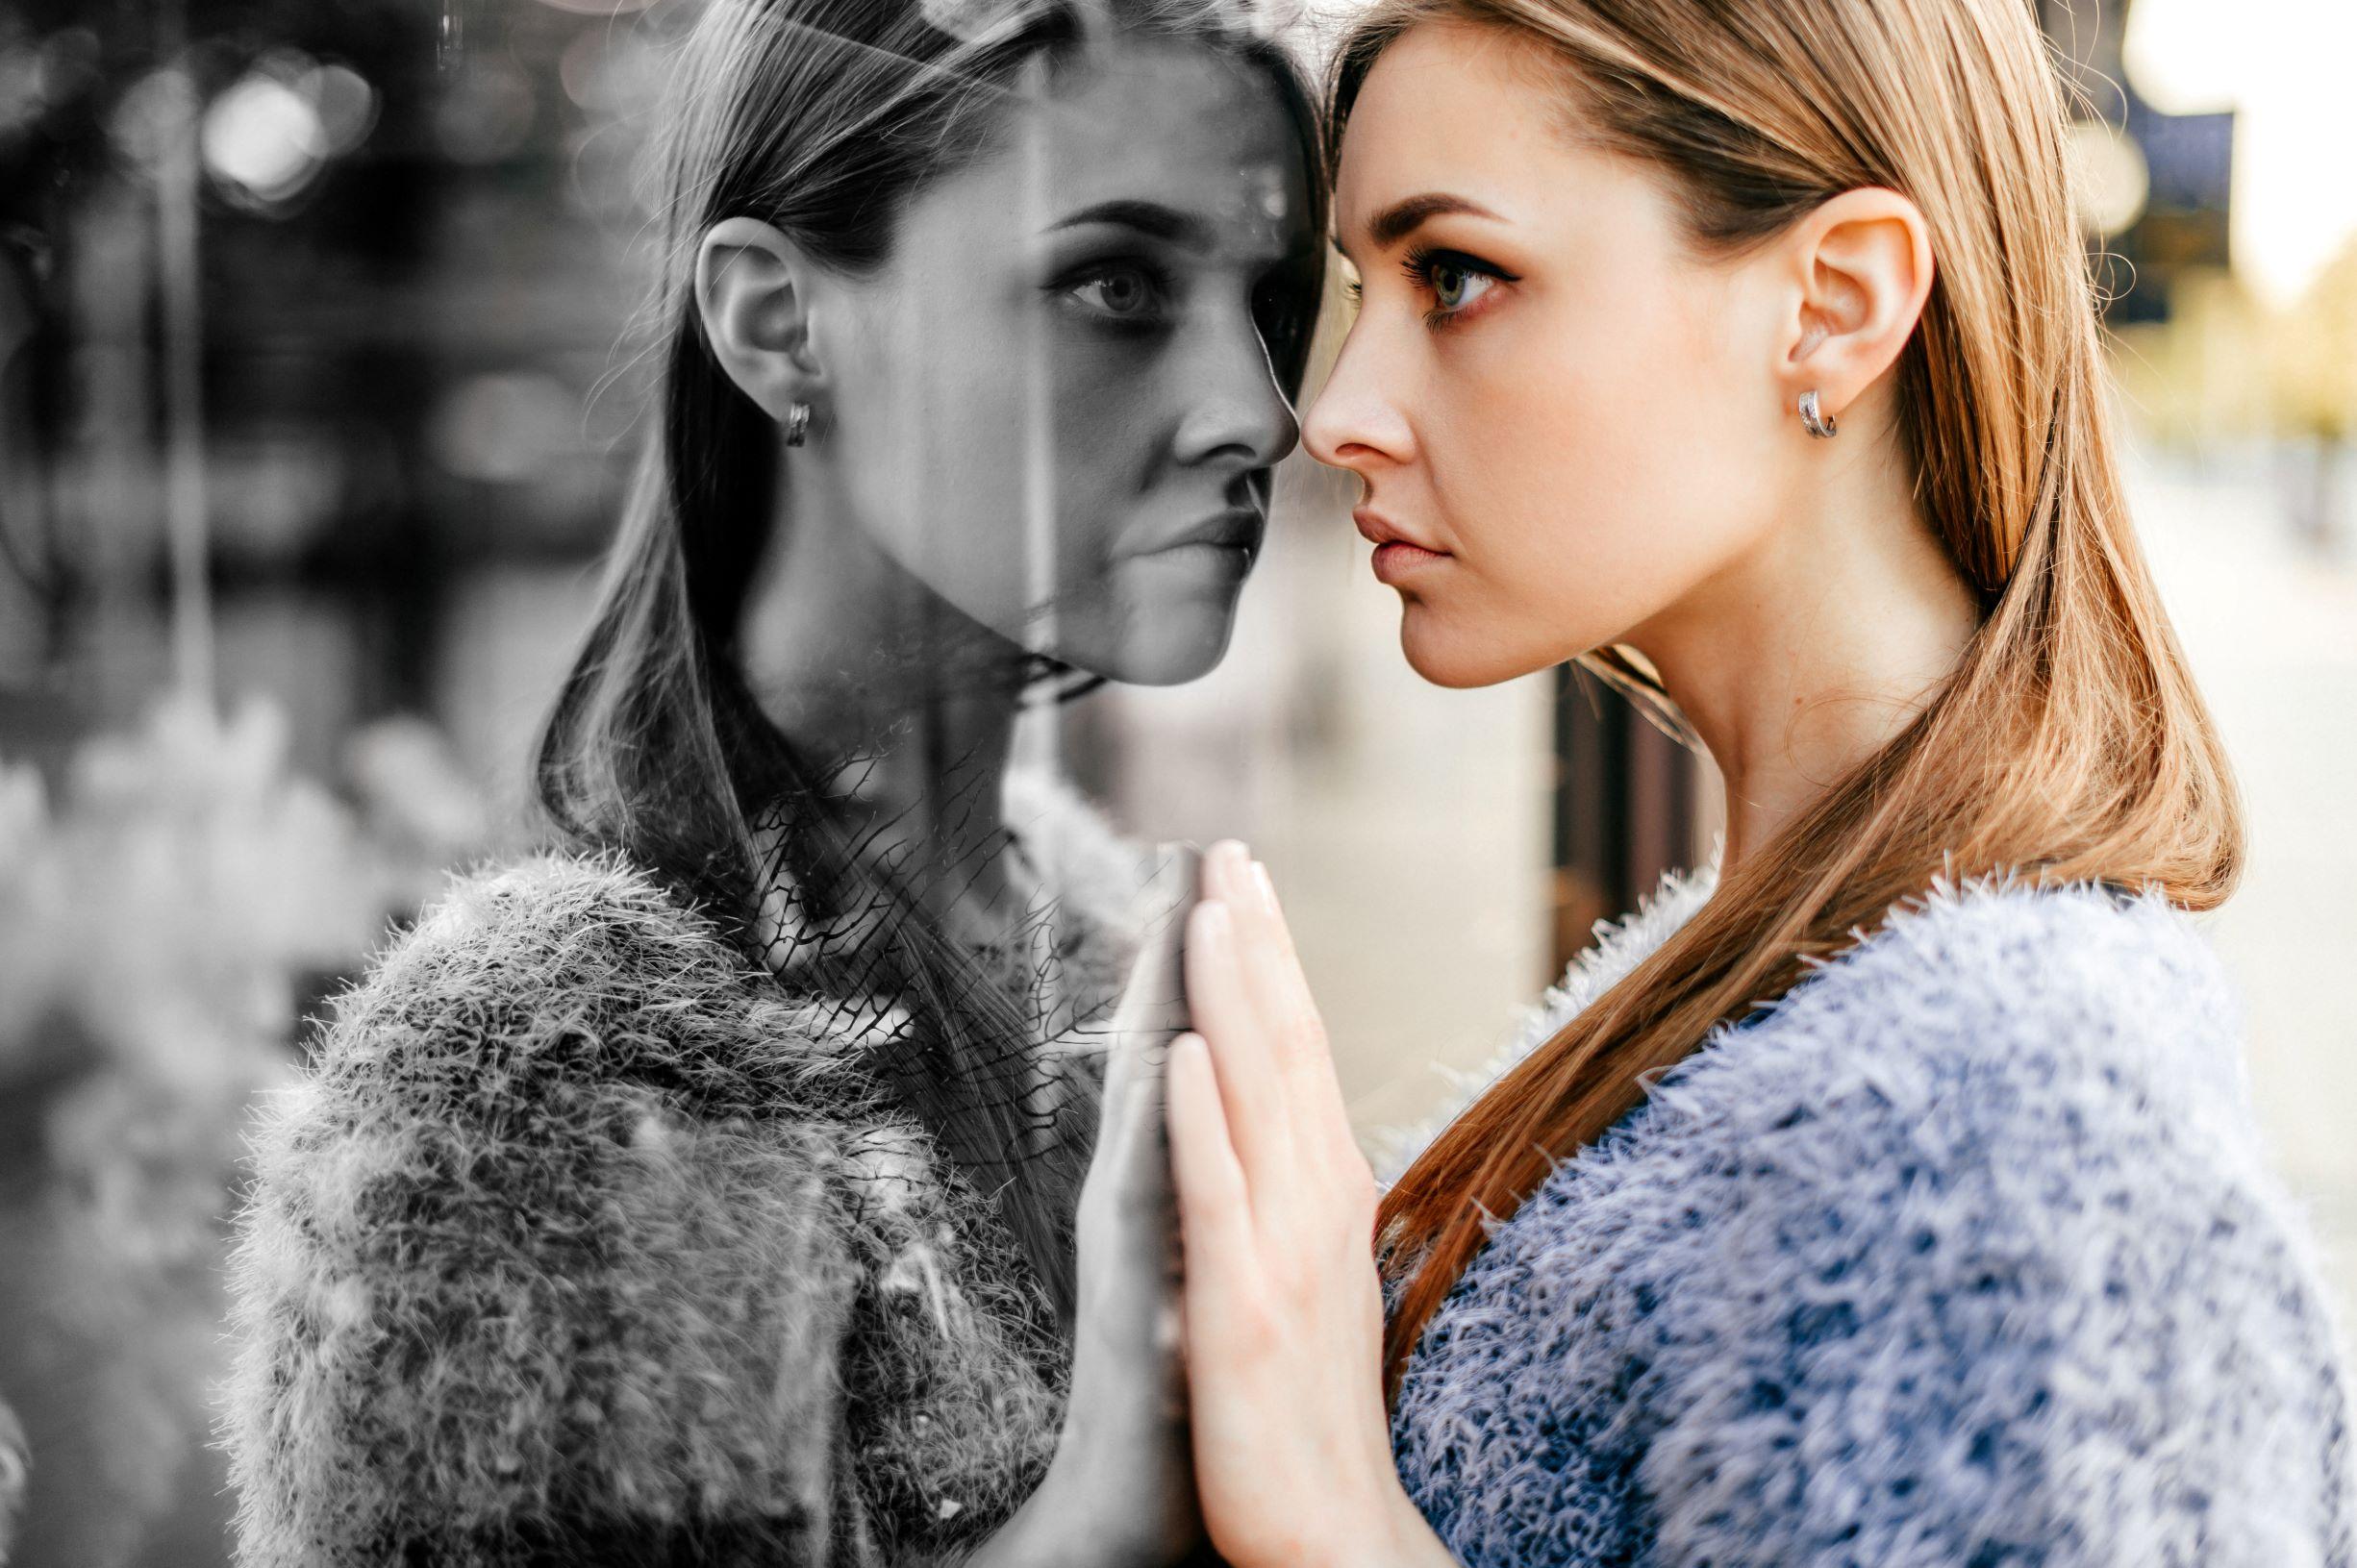 「嫌いな人」は映し鏡。その力を借りて人間関係の生きづらさを和らげよう